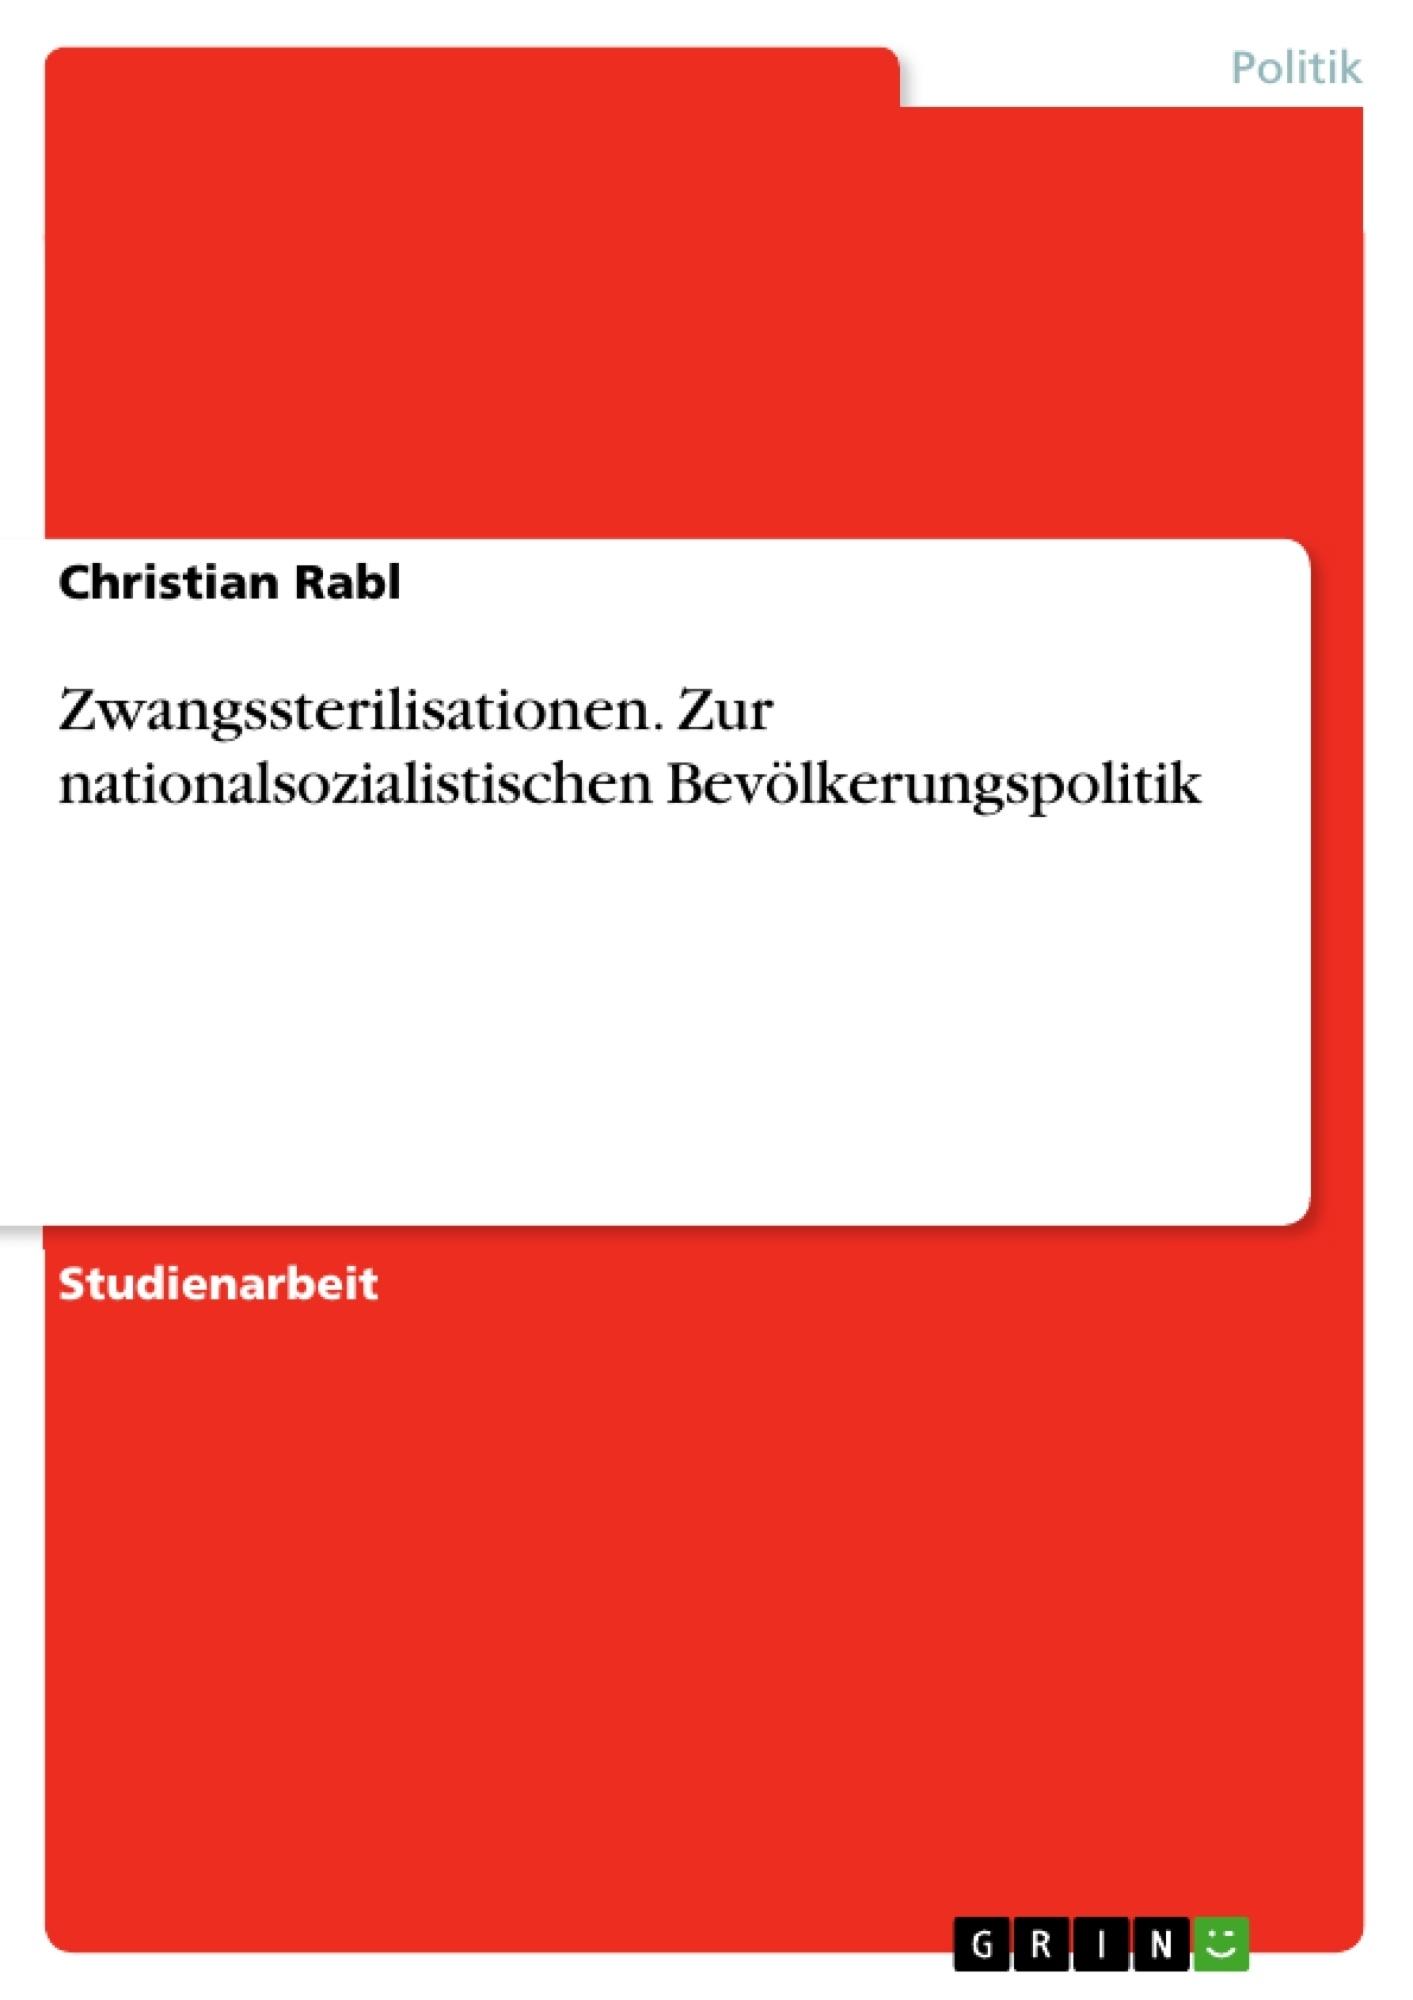 Titel: Zwangssterilisationen. Zur nationalsozialistischen Bevölkerungspolitik